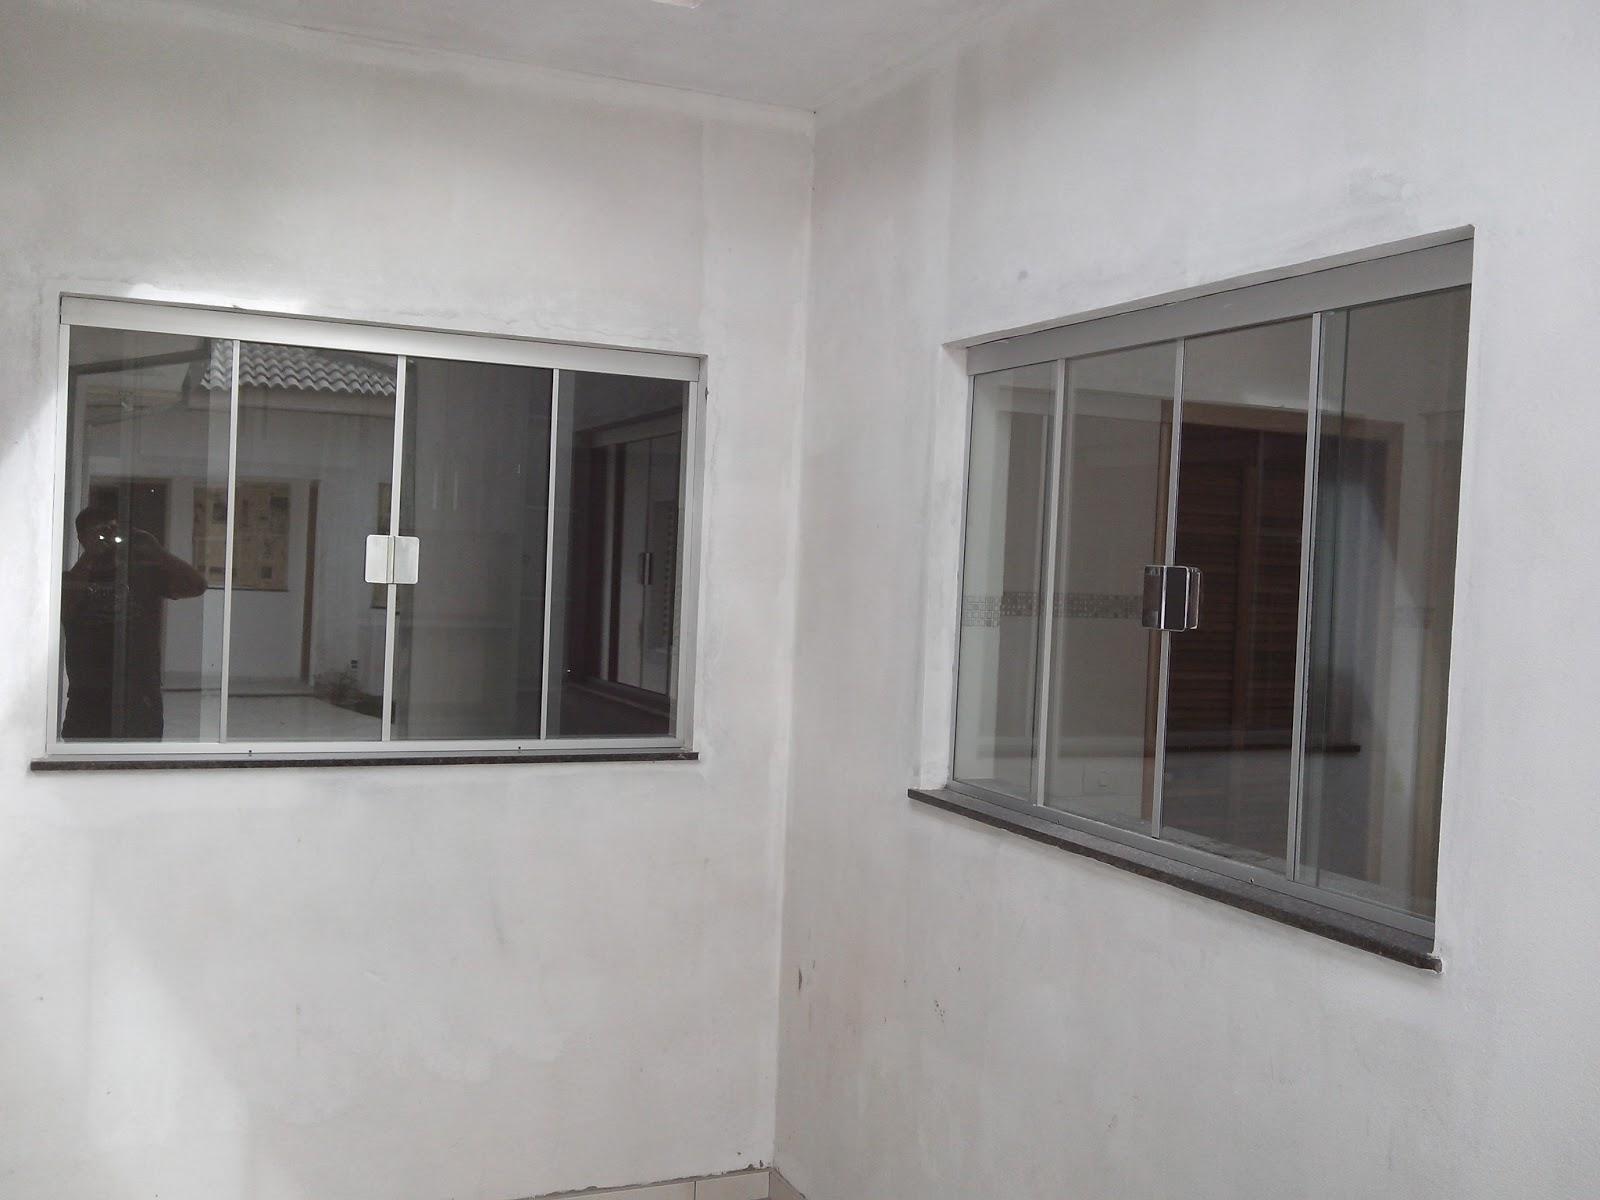 #57524E FRANCO VIDROS TEMPERADOS: Obra em Ourinhos  816 Limpeza De Vidros E Janelas